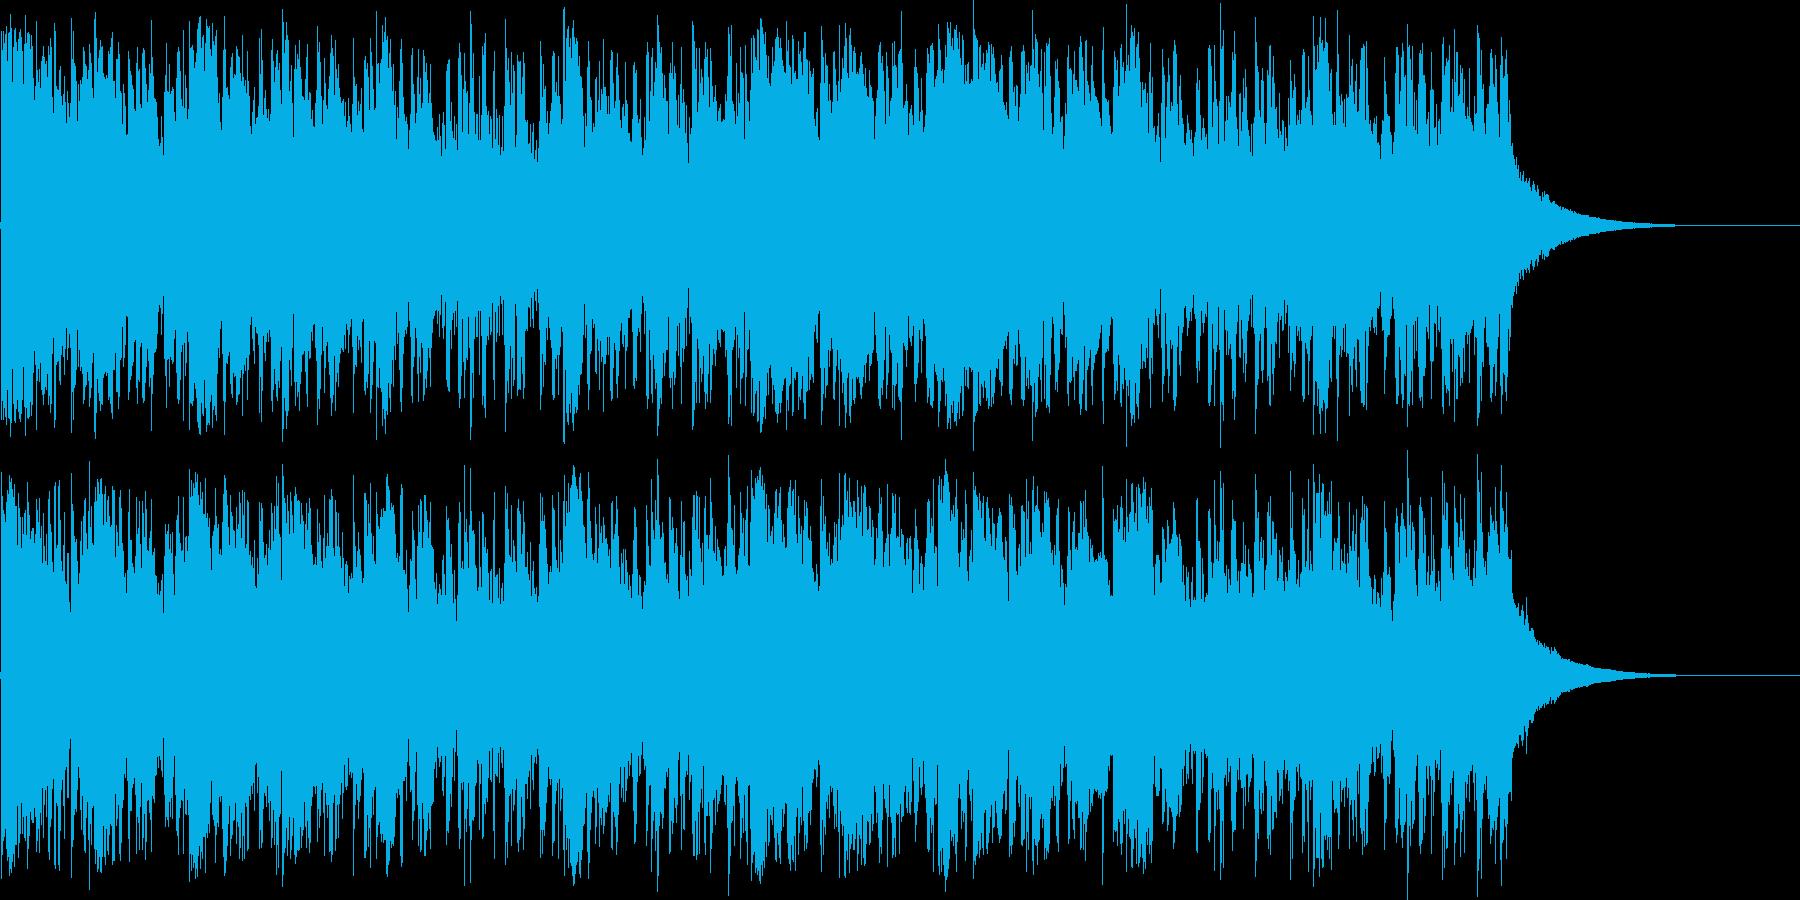 【アコギ生演奏】爽やで、軽快なBGMの再生済みの波形